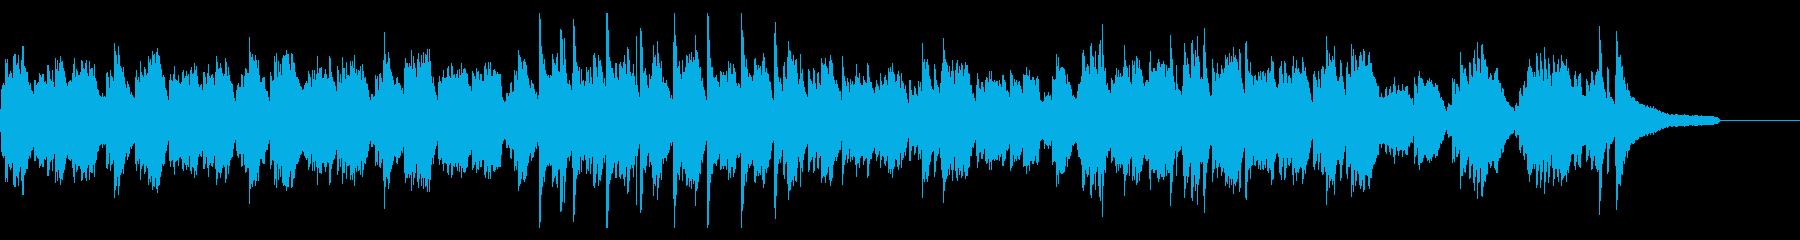 絶望のピアノソロ / 苦肉の帰結の再生済みの波形